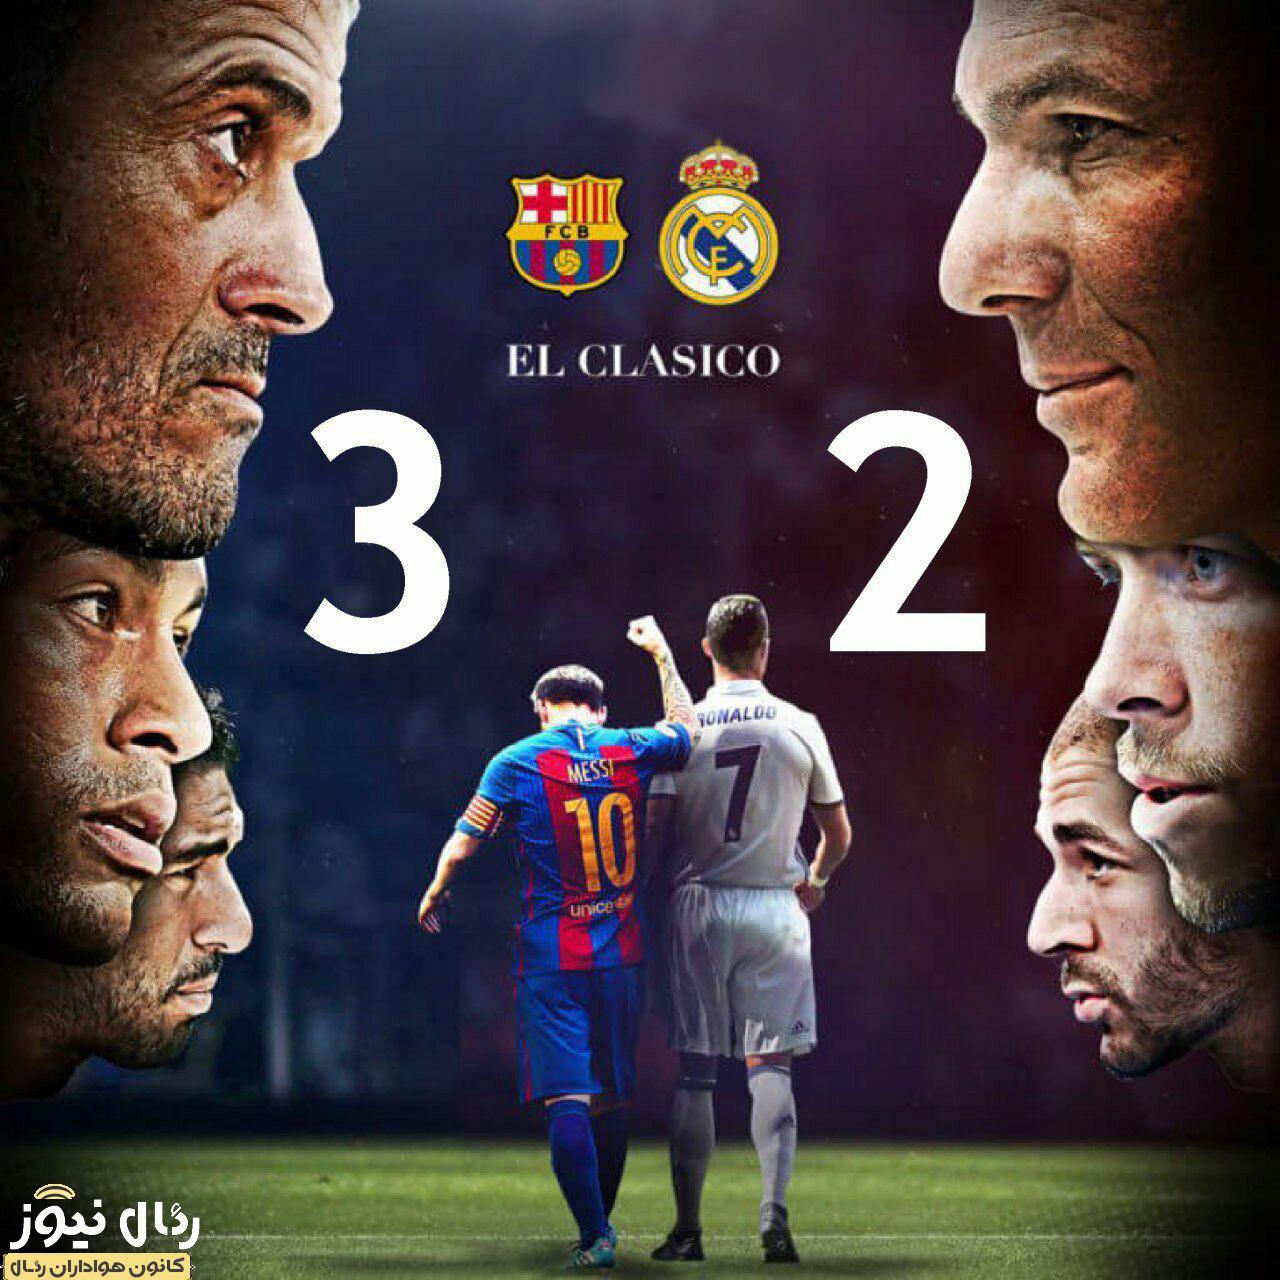 عکس/رئال مادرید2-3بارسلونا